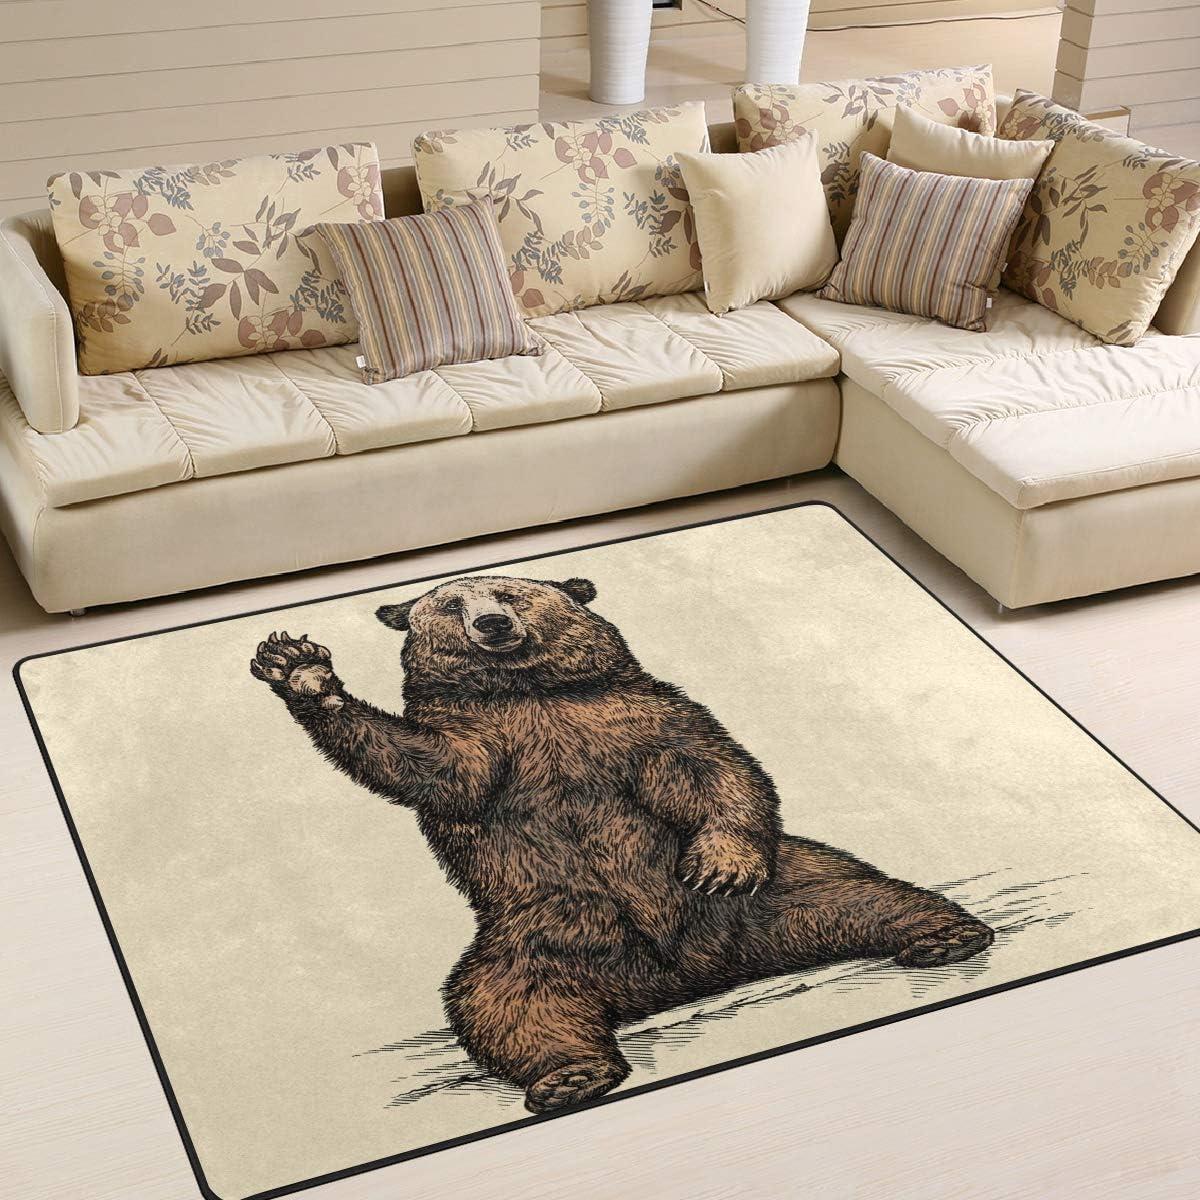 Naanle Vintage Non Slip Area Rug for Living Dinning Room Bedroom Kitchen Animal Bear Nursery Rug Floor Carpet Yoga Mat 1.7 x 2.6 ft 50 x 80 cm